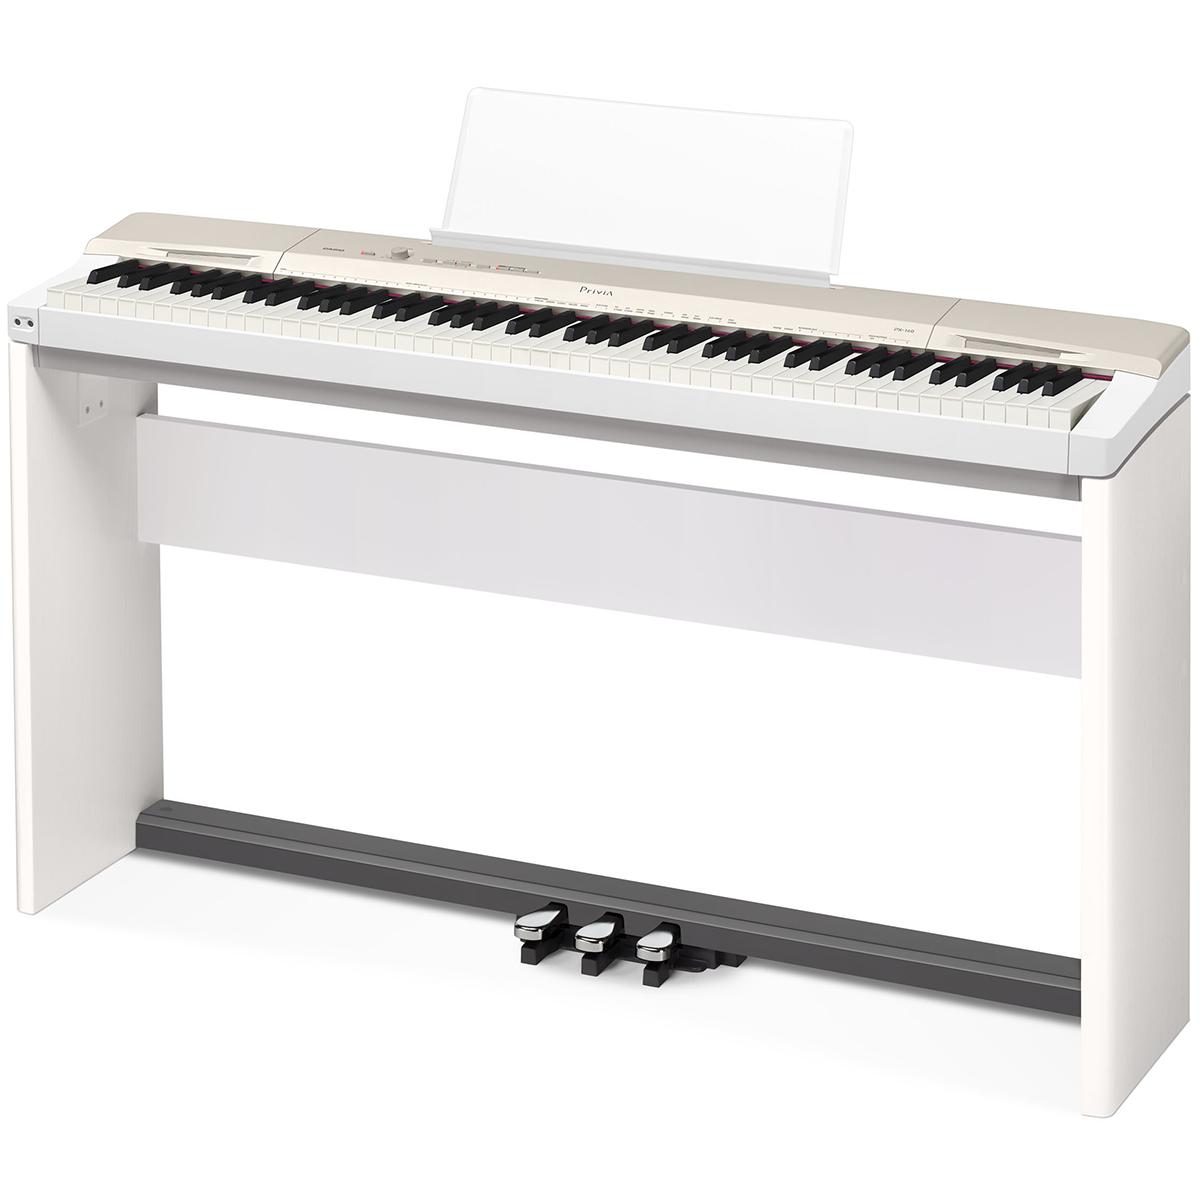 Billede af Casio PX-160-WE el-klaver med CS-67-WE ben & SP-33